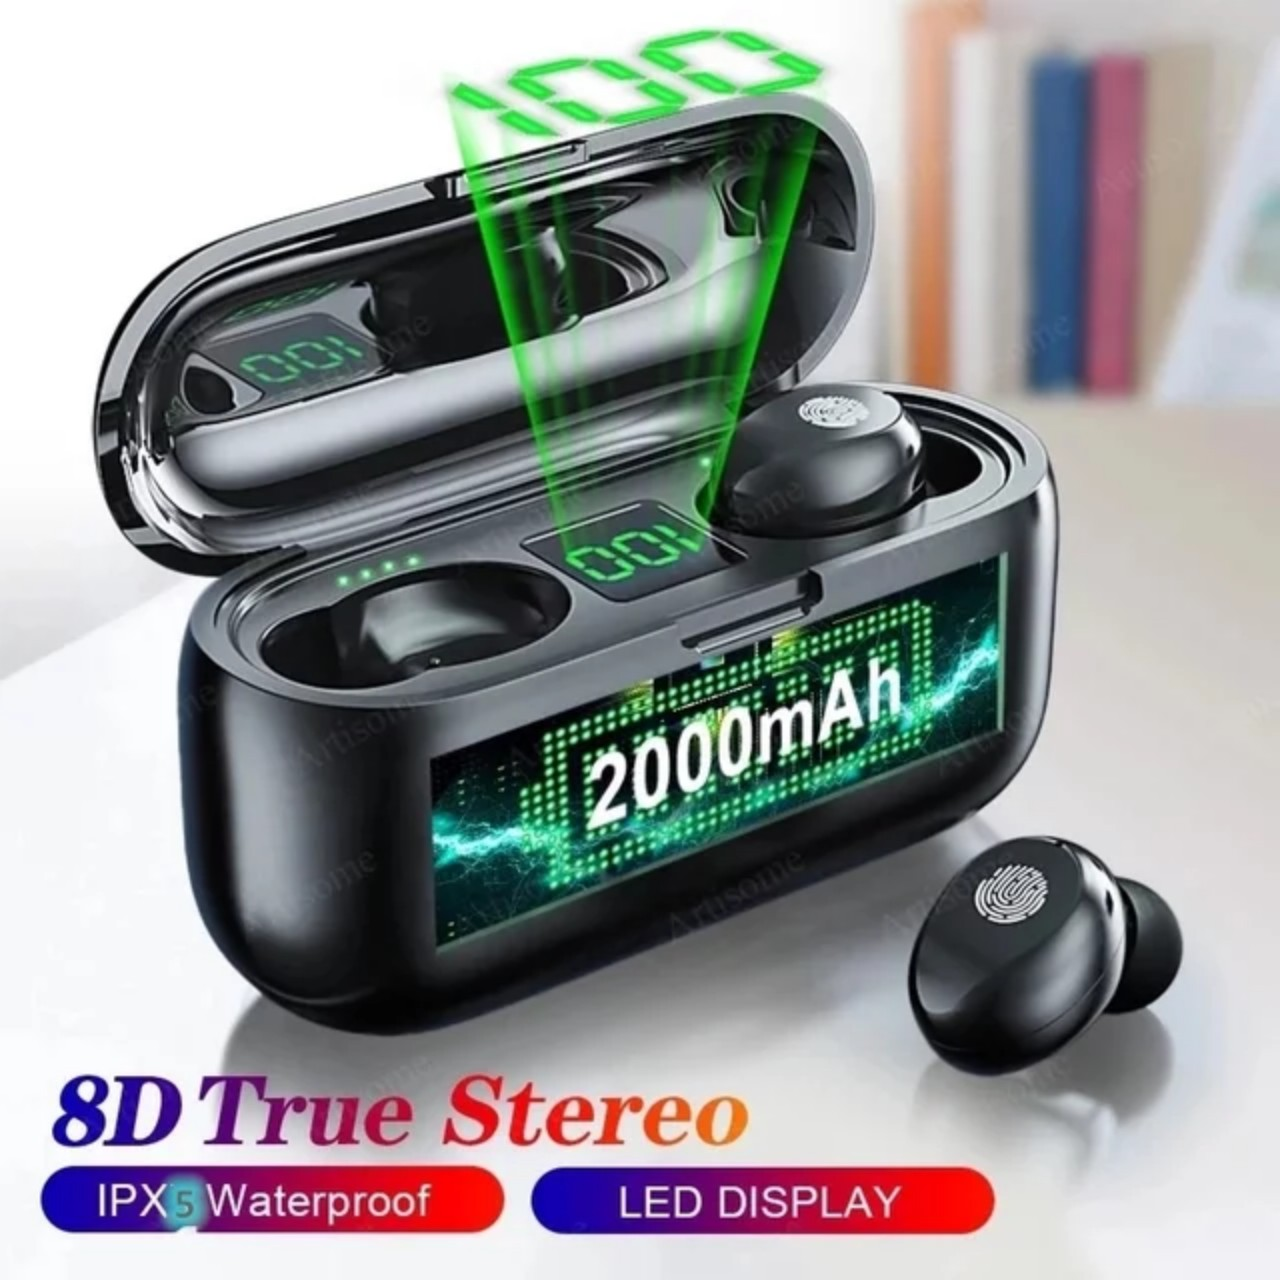 [XẢ KHO 3 NGÀY] Tai Nghe Bluetooth Không Dây AMOI F9 Phiên Bản Pro Quốc Tế Kiêm Pin Sạc Dự Phòng Điện Thoại 2000 mAh - Tai Nghe Bluetooth Mini - Tai Nghe Bluetooth Không Dây Hay Hơn i7s, i9s, i11, i12